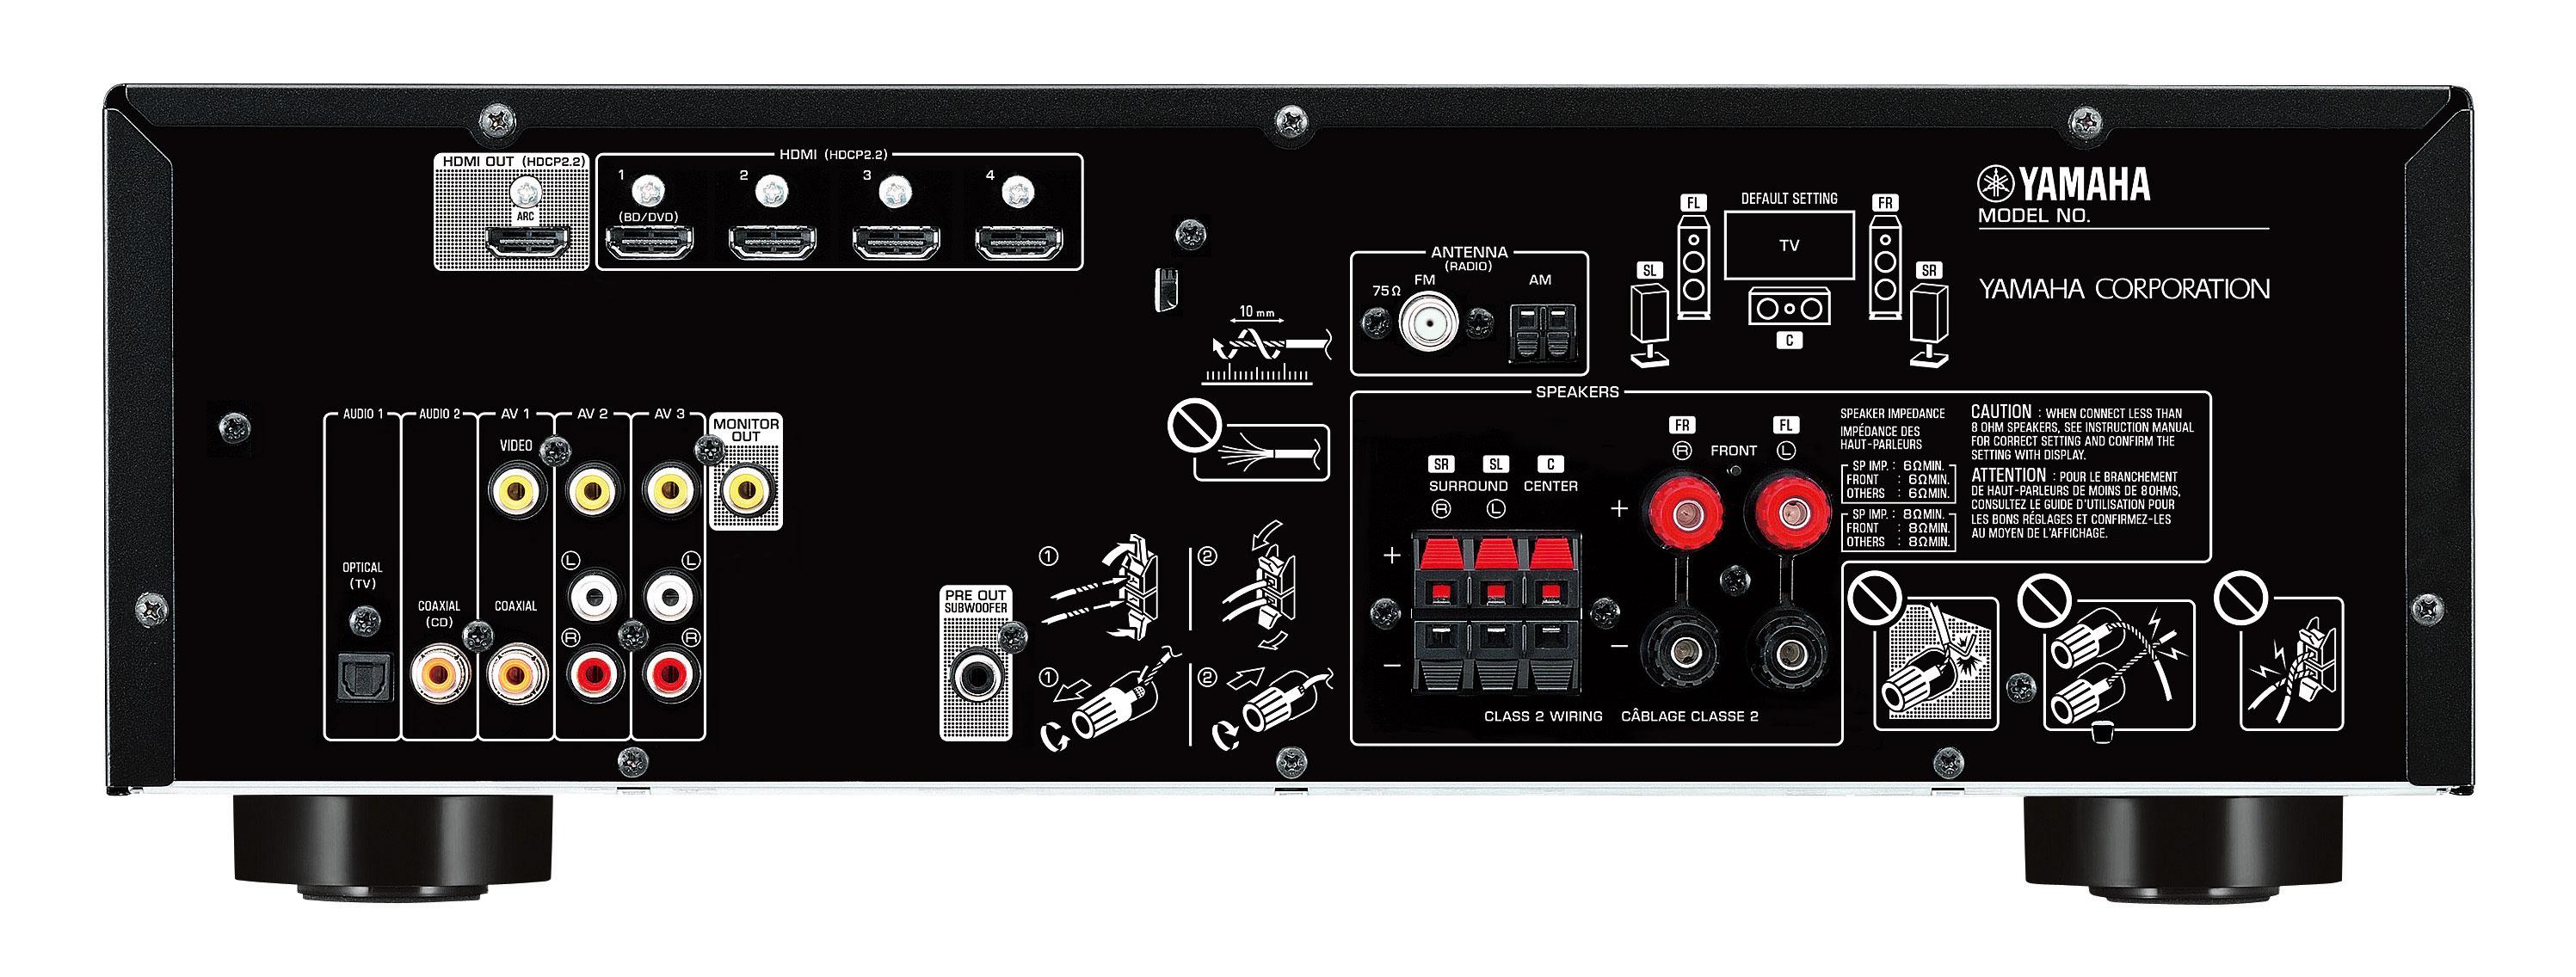 yamaha rx v383 5 1 channel network av reciver. Black Bedroom Furniture Sets. Home Design Ideas